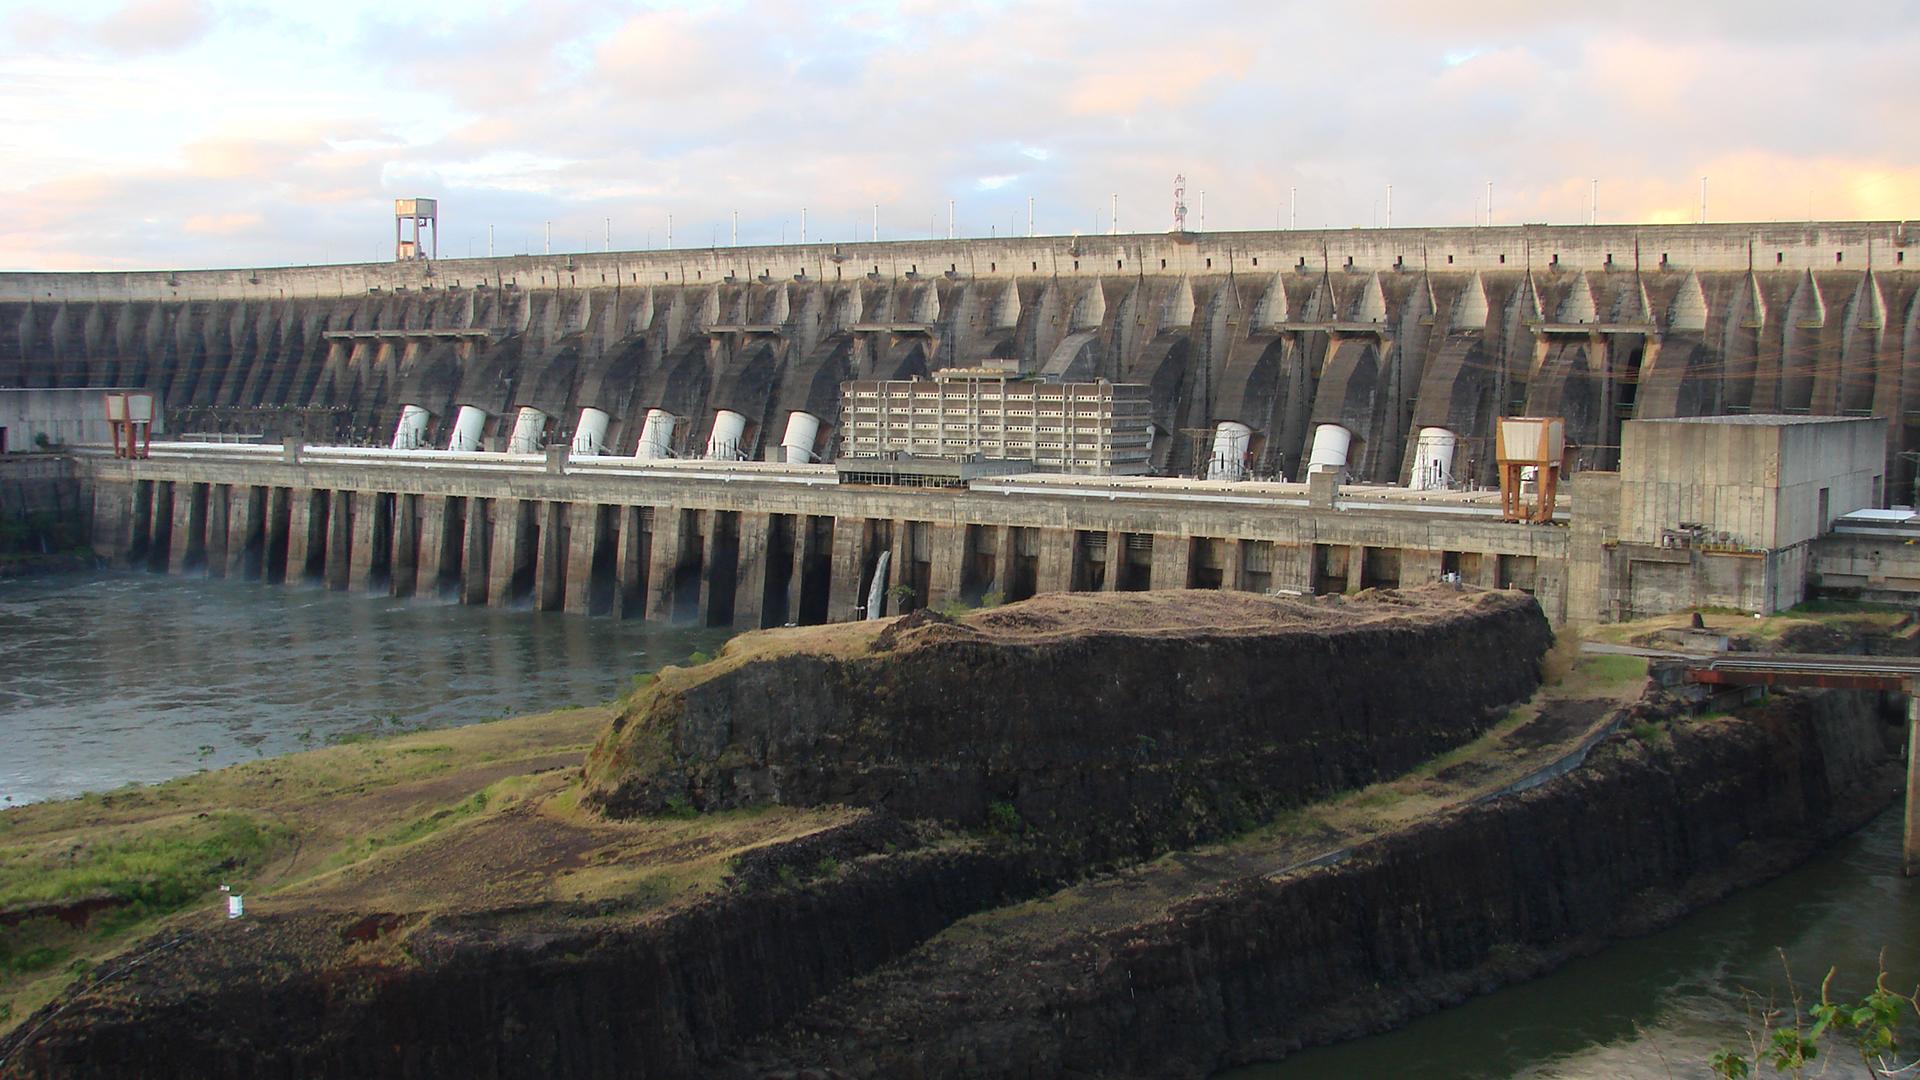 Staudamm im Amazonas - so könnte ein Staudamm in Selous auch aussehen.